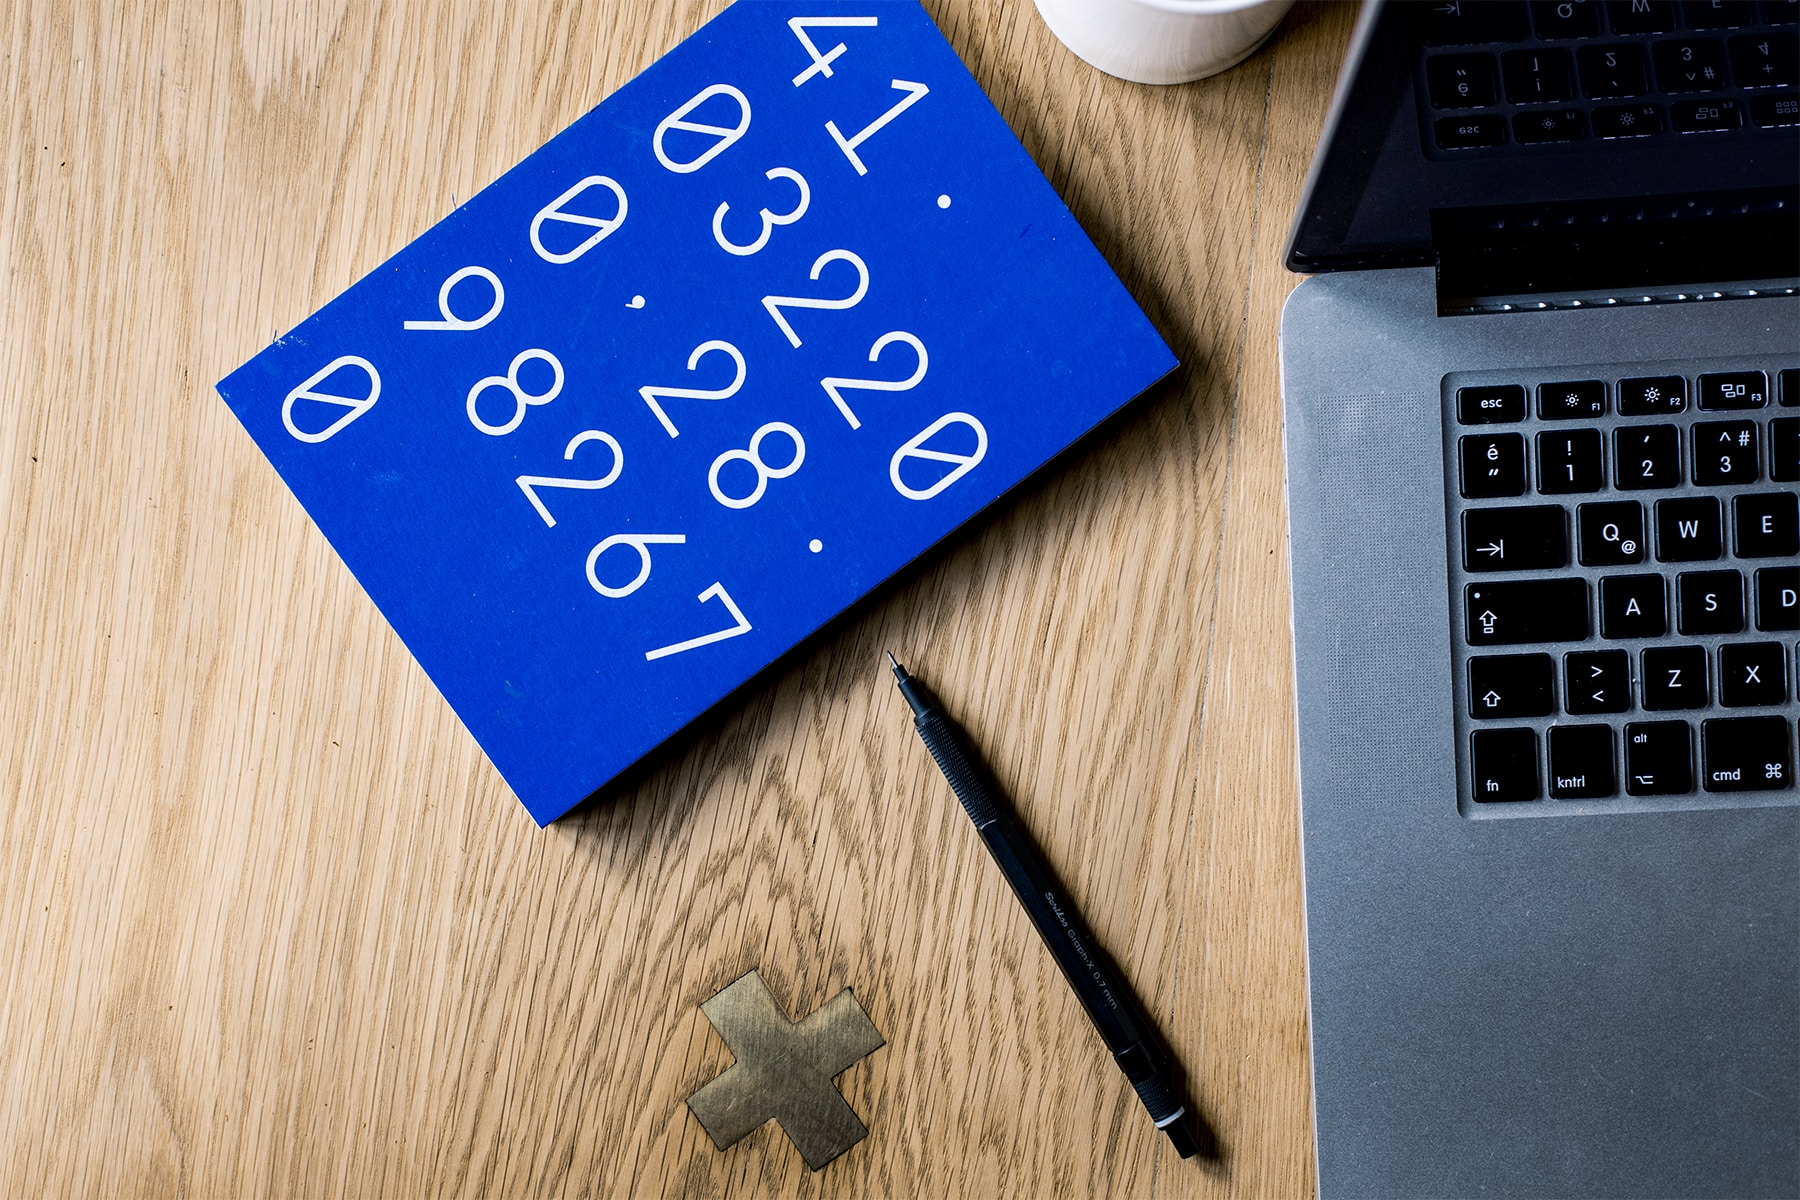 Λογιστικό γραφείο Αθήνα - Λογιστικές υπηρεσίες - Μισθοδοσία - Συμβουλές ανάπτυξης επιχειρηματικού σχεδίου